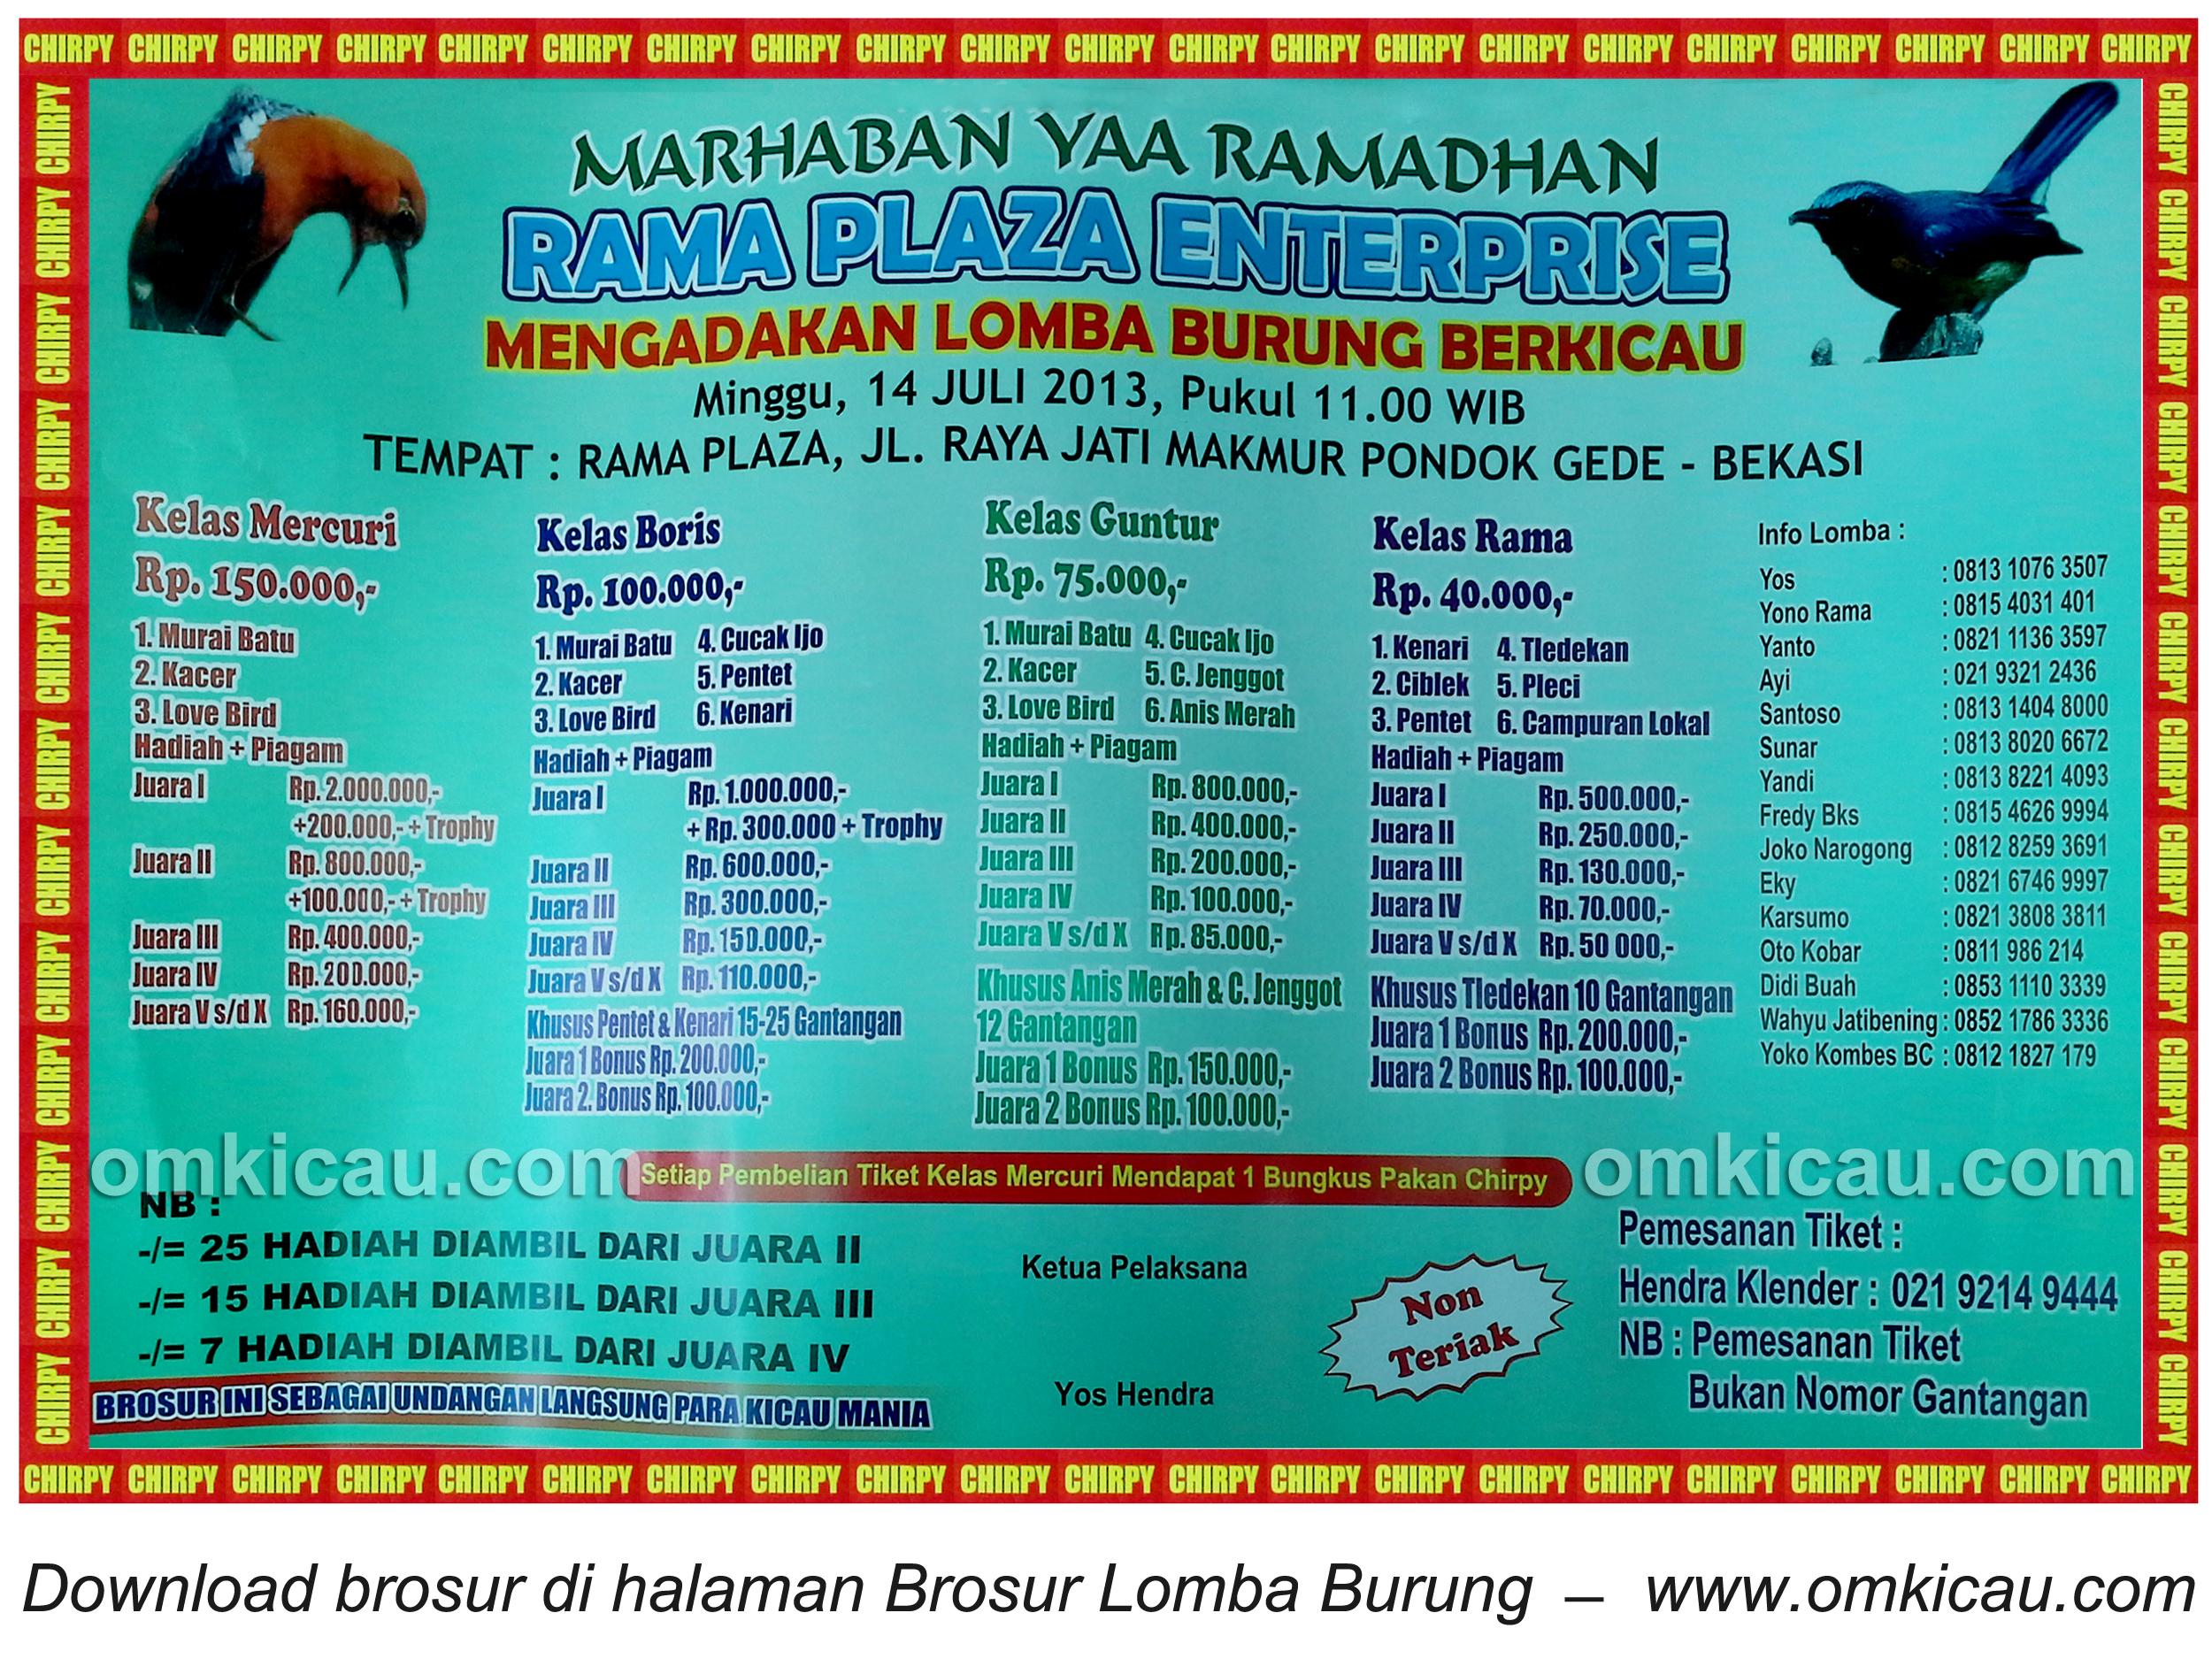 Brosur Lomba Burung Rama Plaza Enterprise - Bekasi - 14 Juli 2013